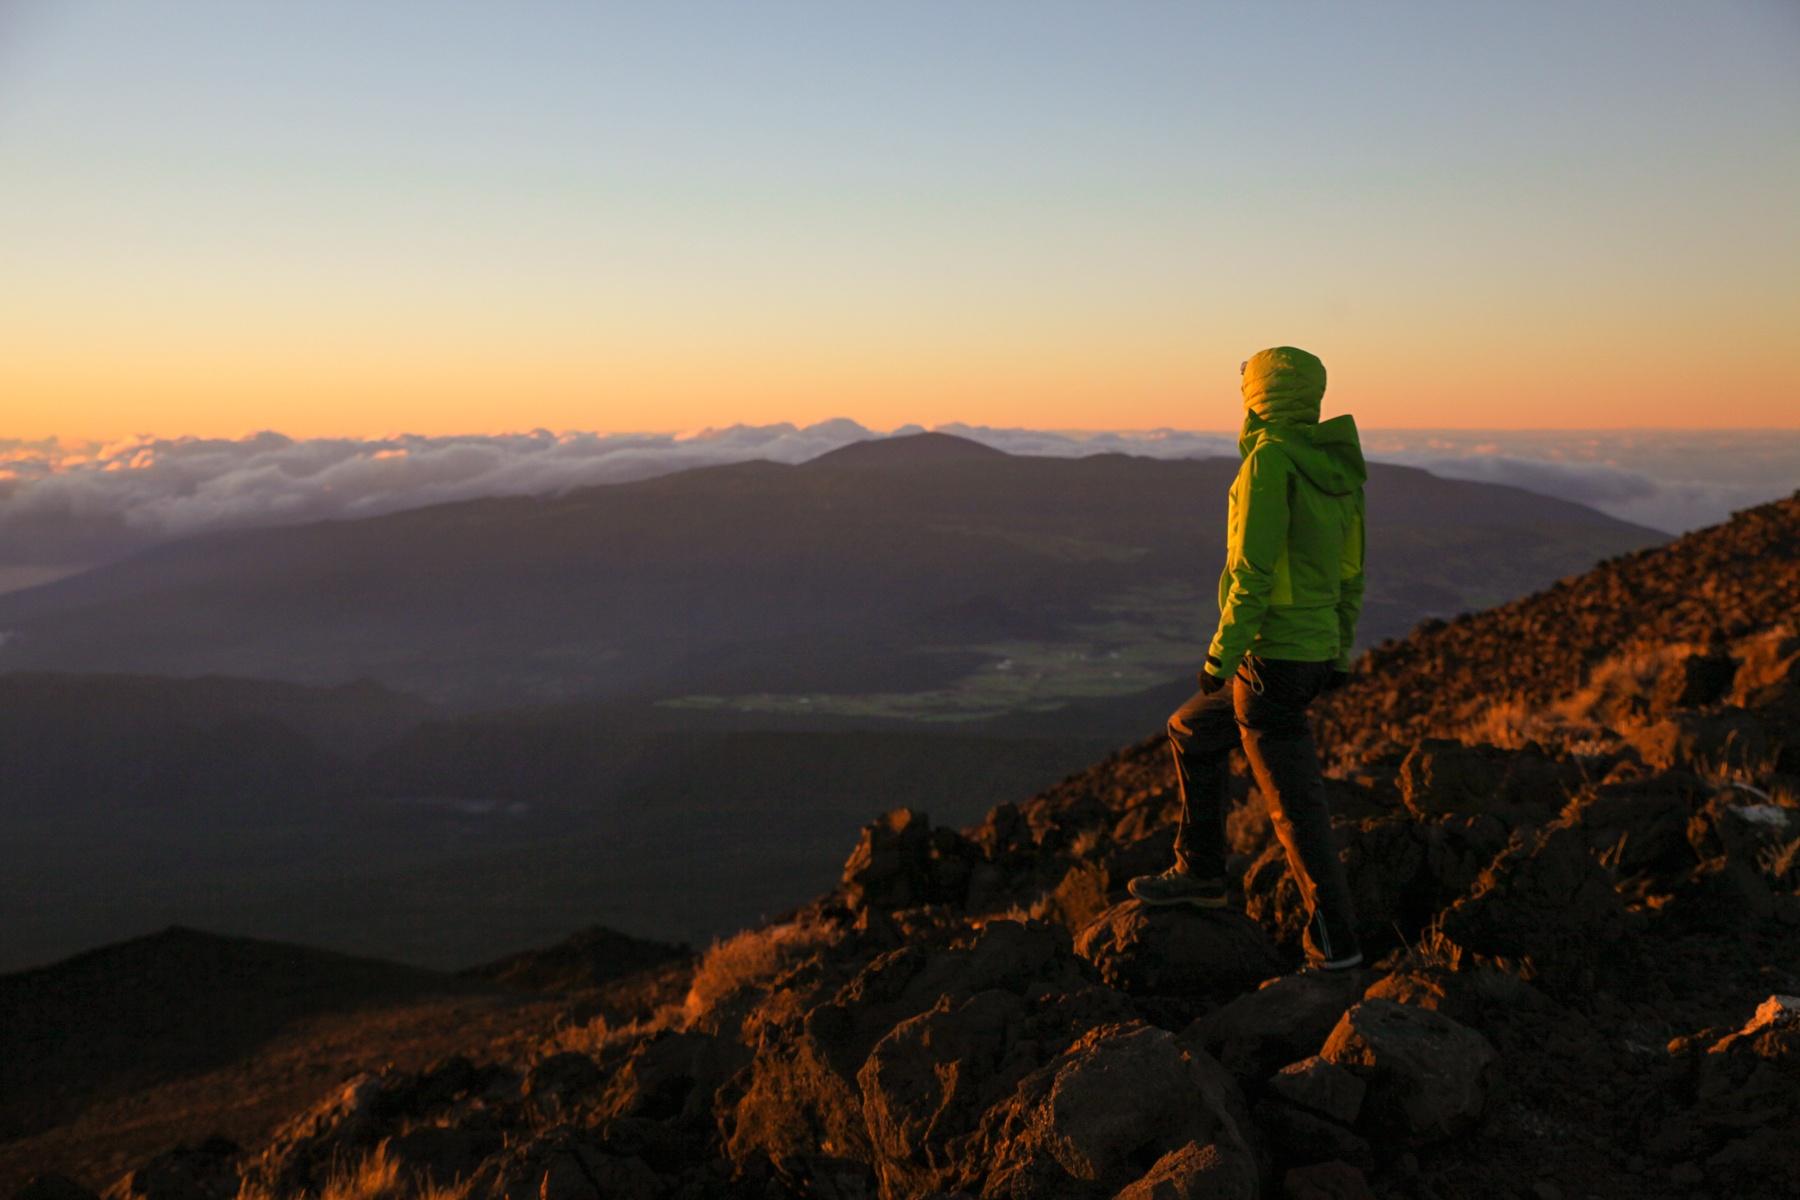 Sonnenaufgang auf La Réunion: Berghütten bieten dir den perfekten Ausgangspunkt.